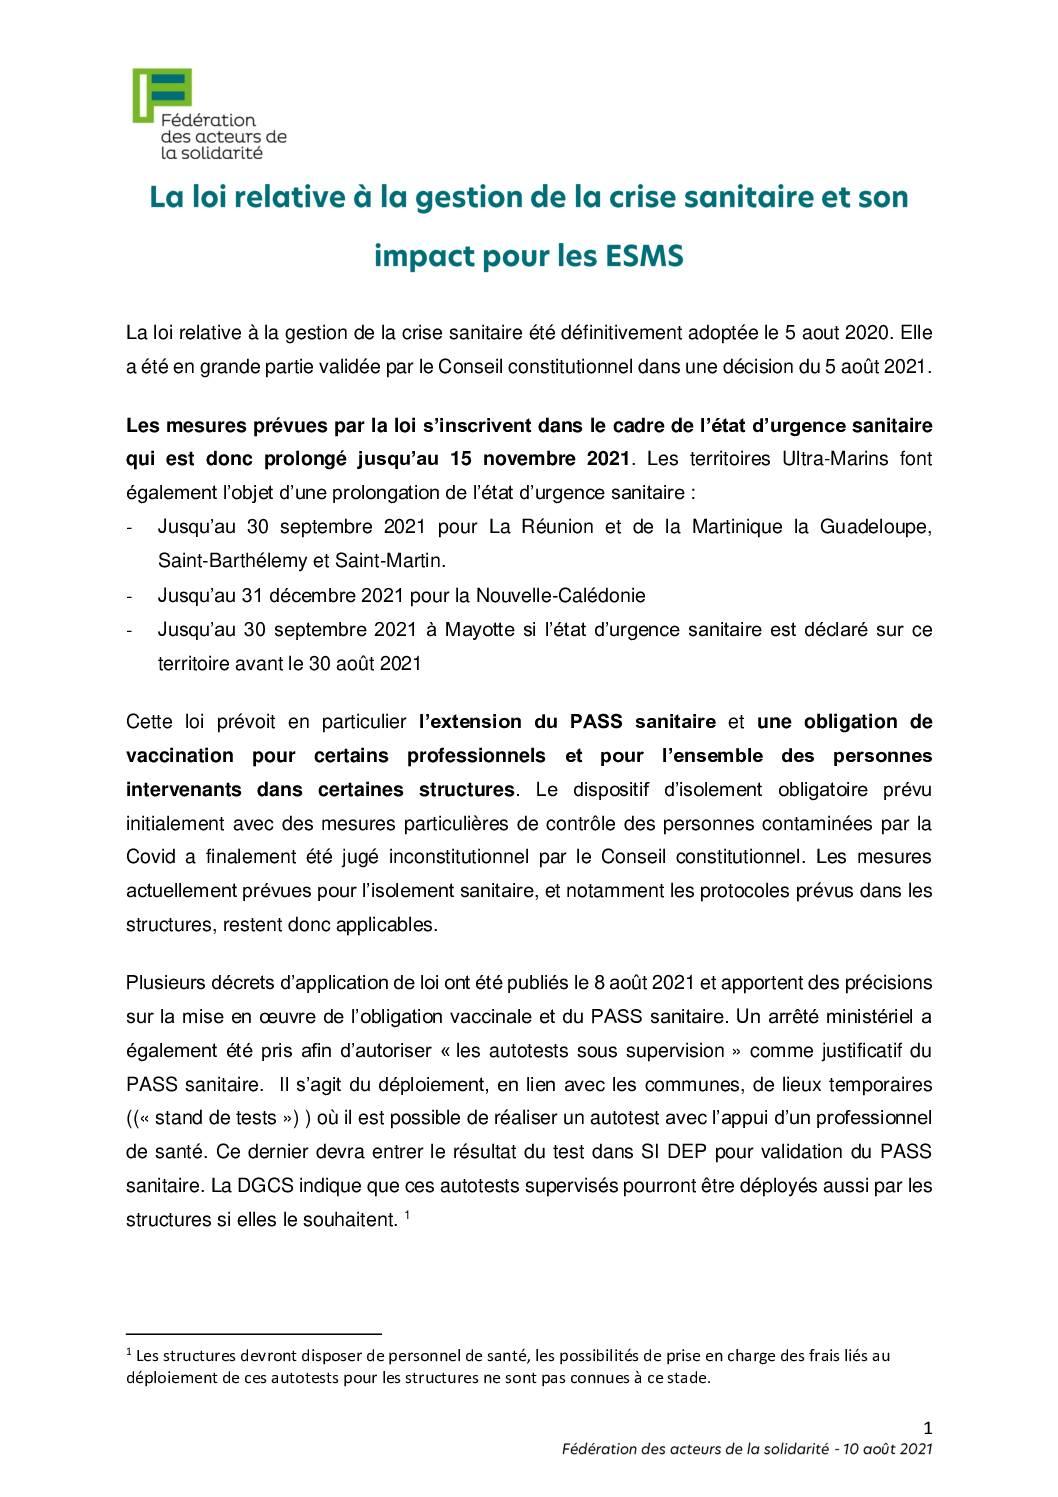 Décryptage FAS de l'obligation vaccinale/Pass sanitaire et impact sur les ESMS